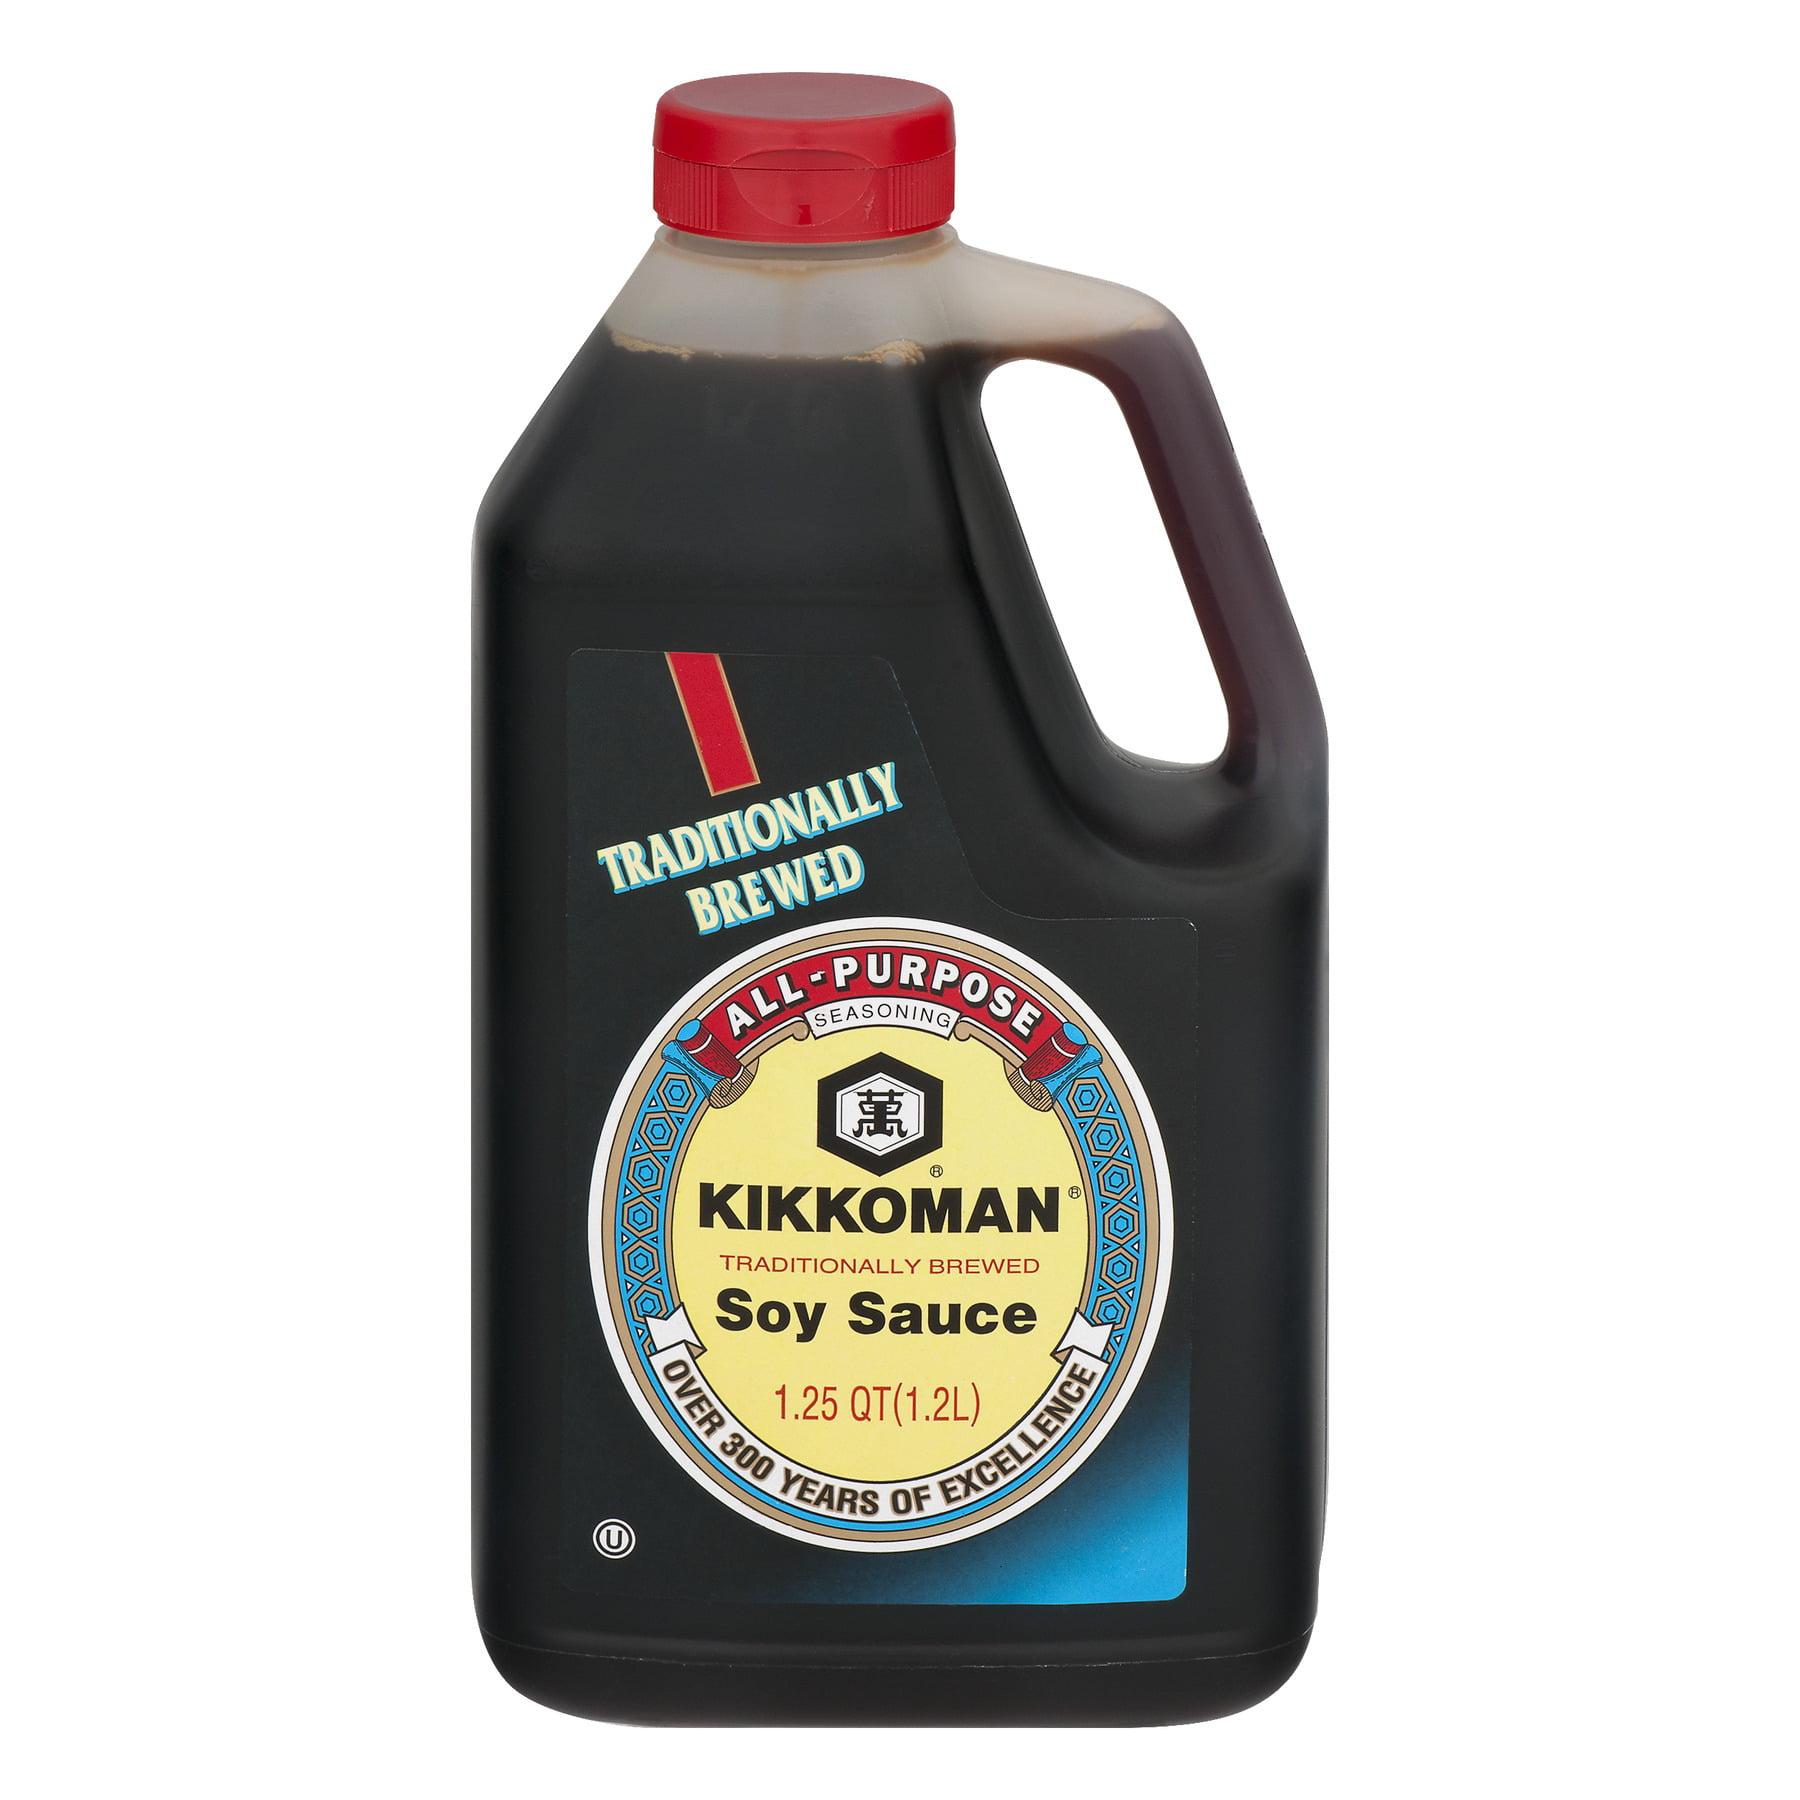 Kikkoman Soy Sauce, 1.25 QT